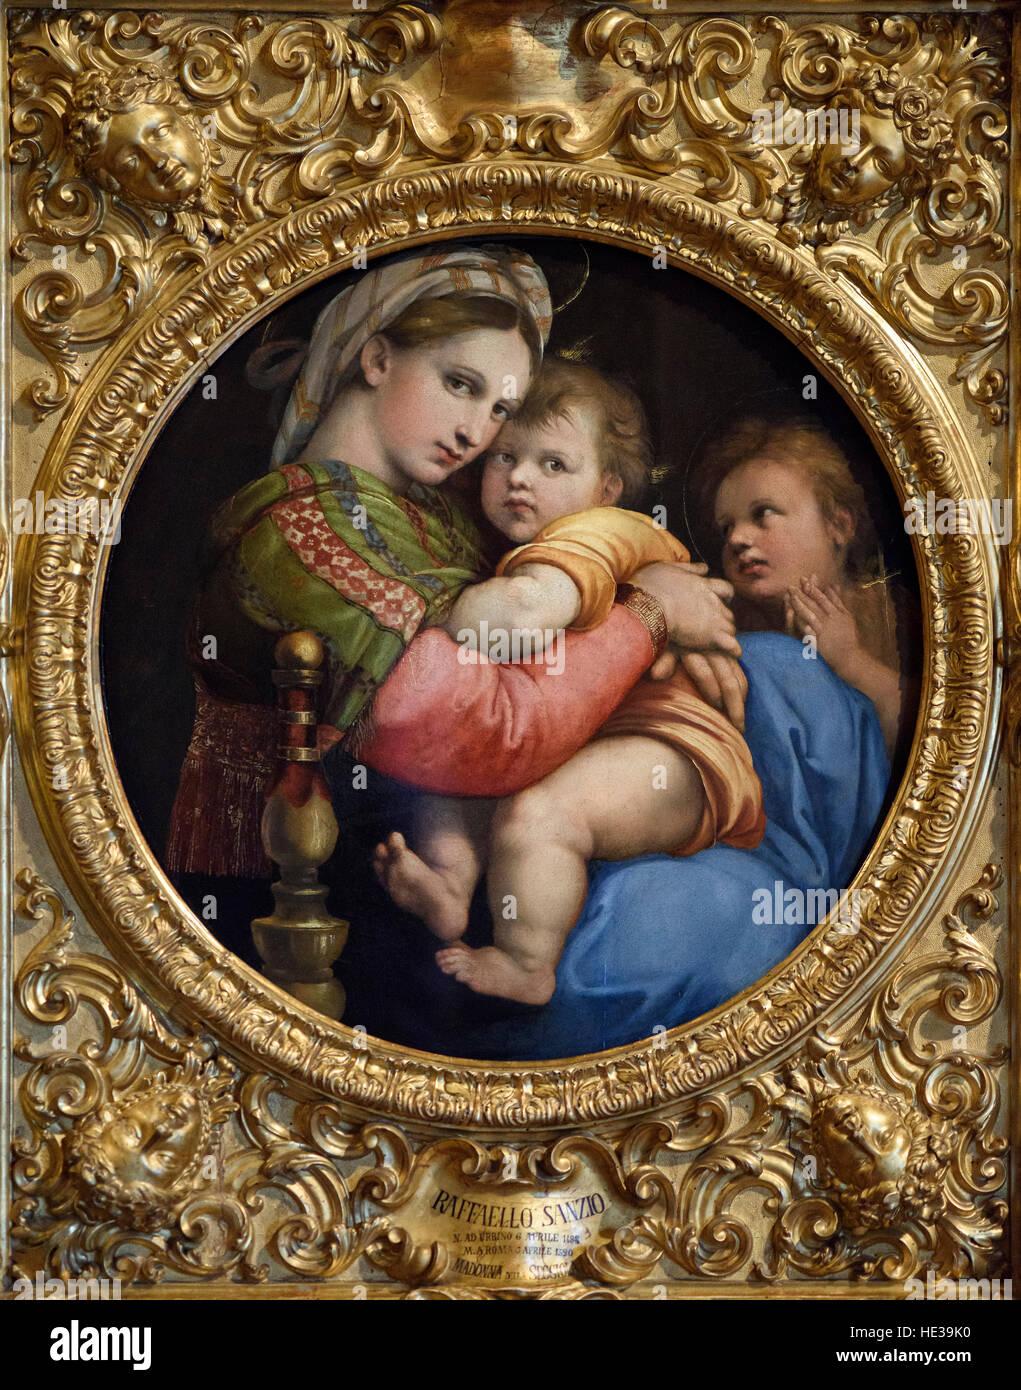 Raphael - Raffaello Sanzio da Urbino (1483-1520), La Madonna della Seggiola aka Madonna of the Chair, ca. 1513-1514. Stock Photo